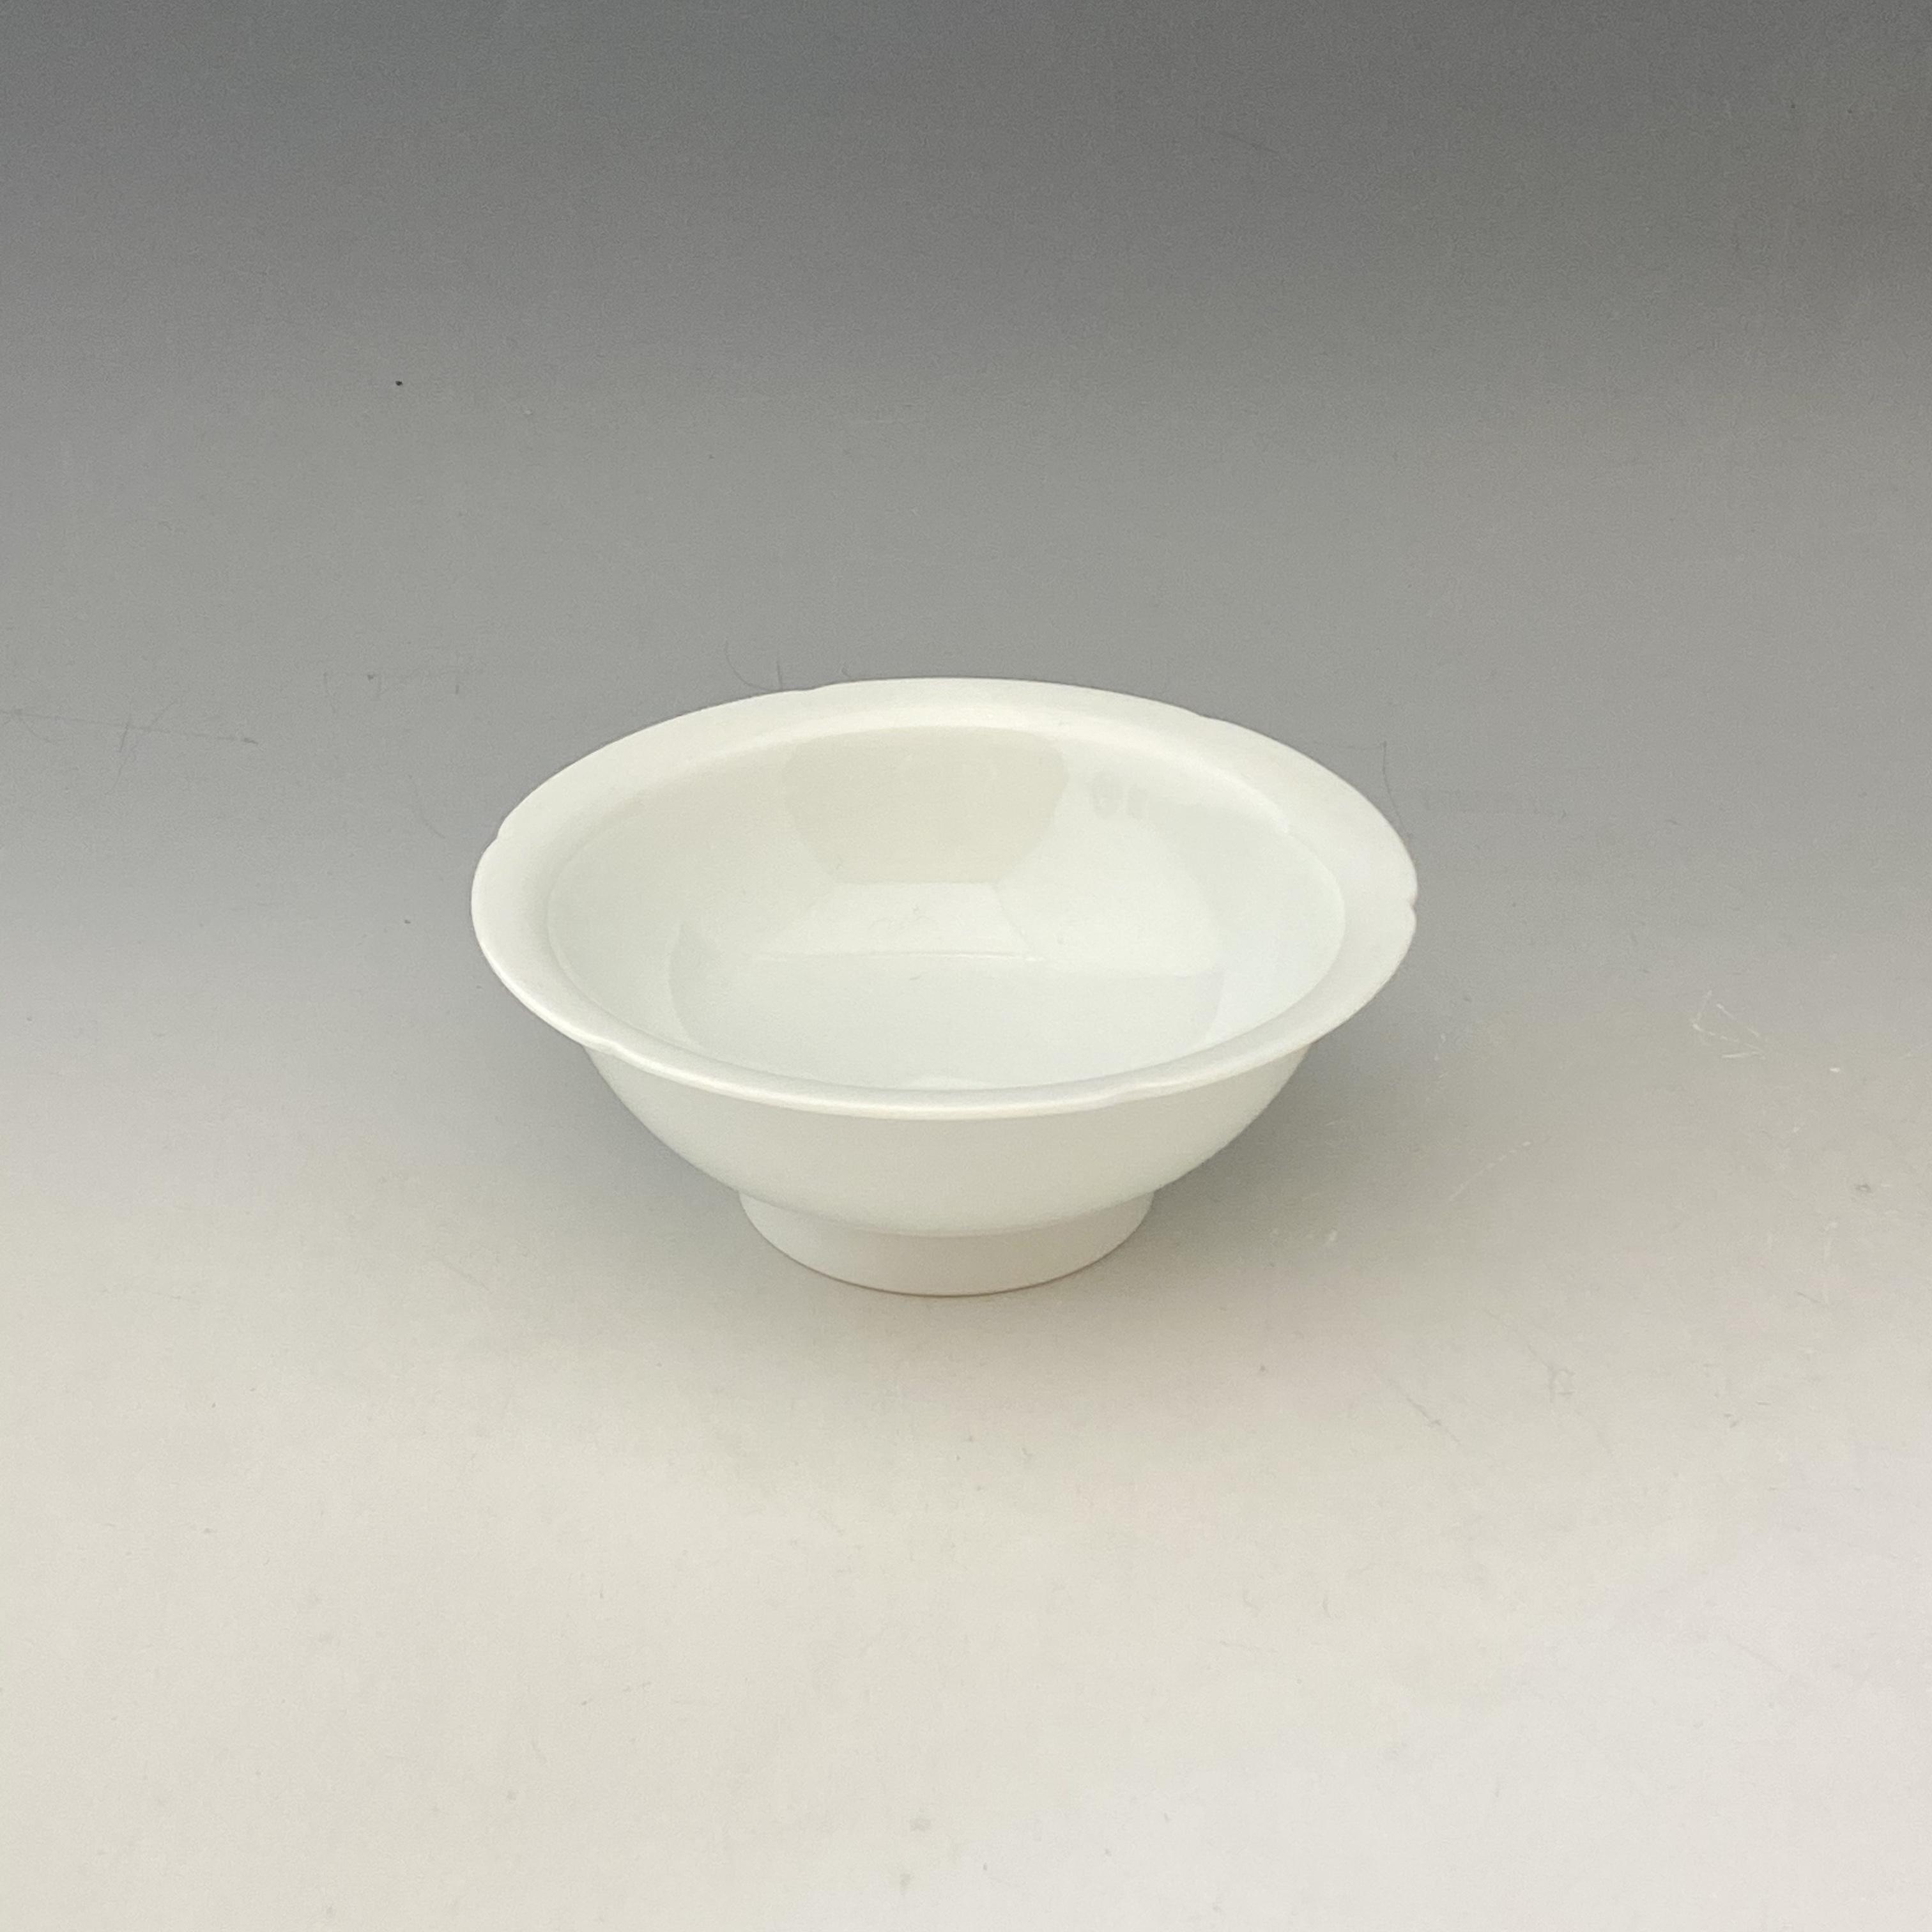 【中尾恭純】白磁縁カット小鉢